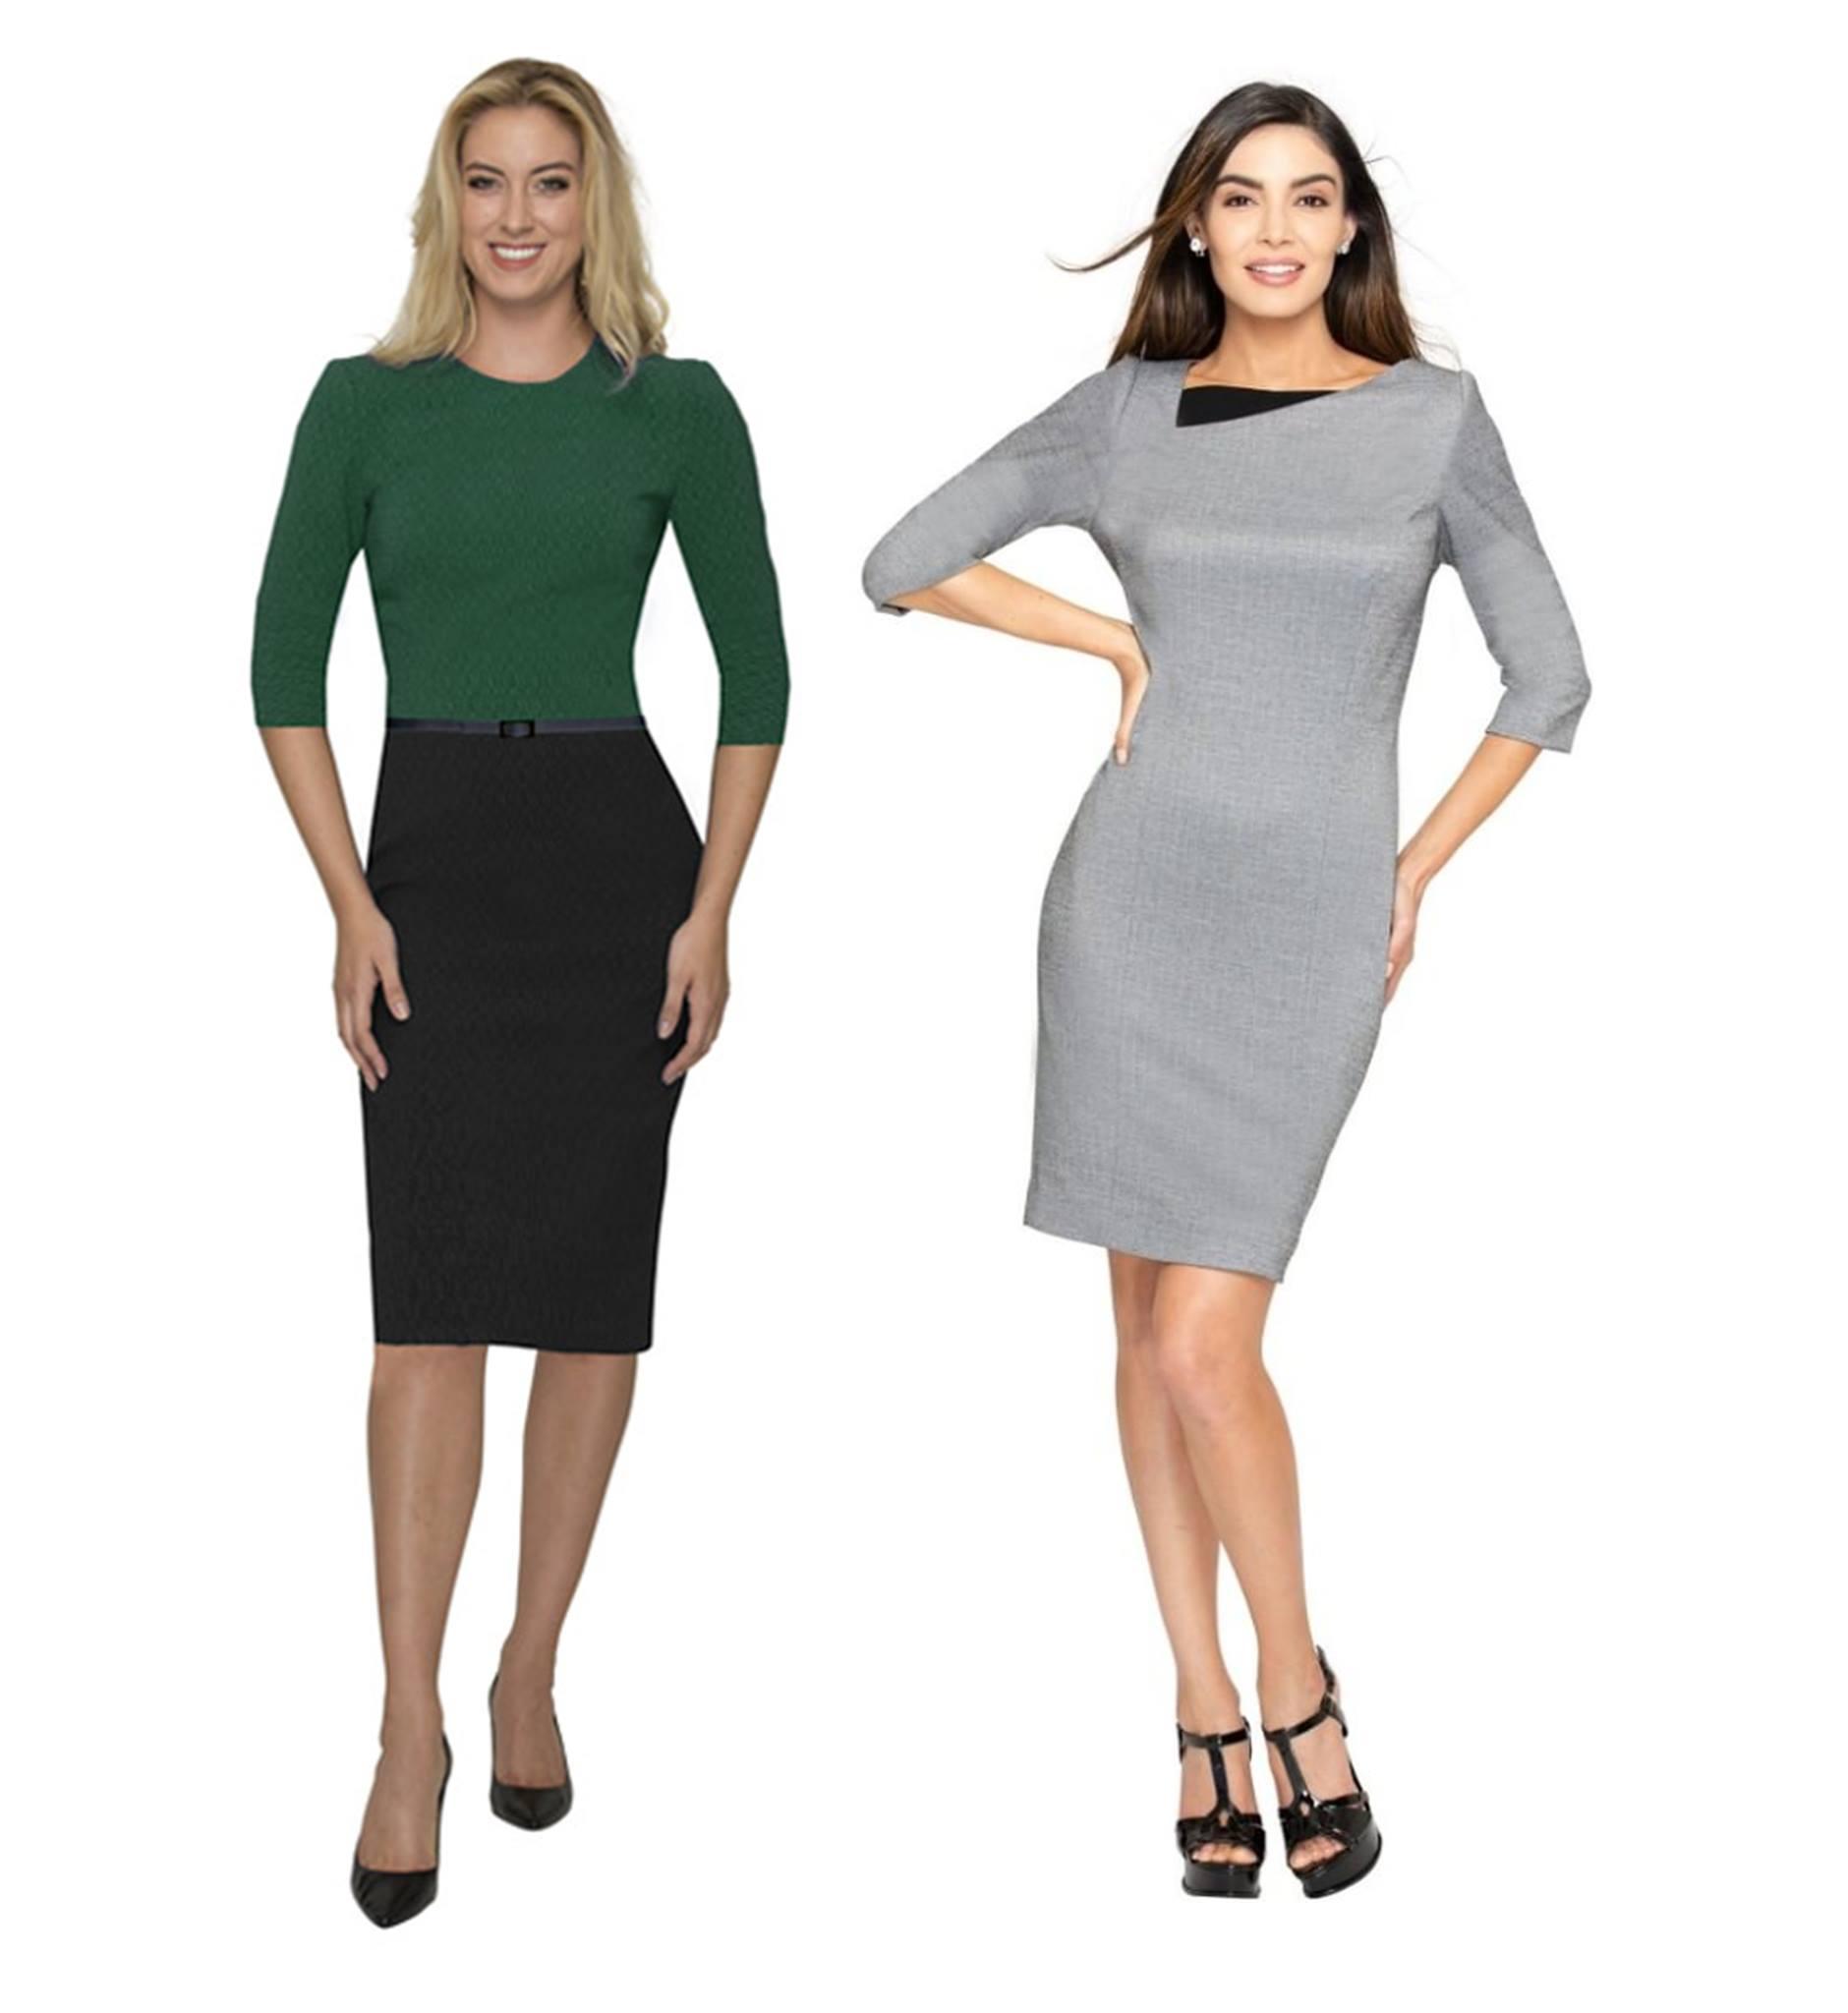 Susanna Beverly Hills Women's Fashion, Business Attire